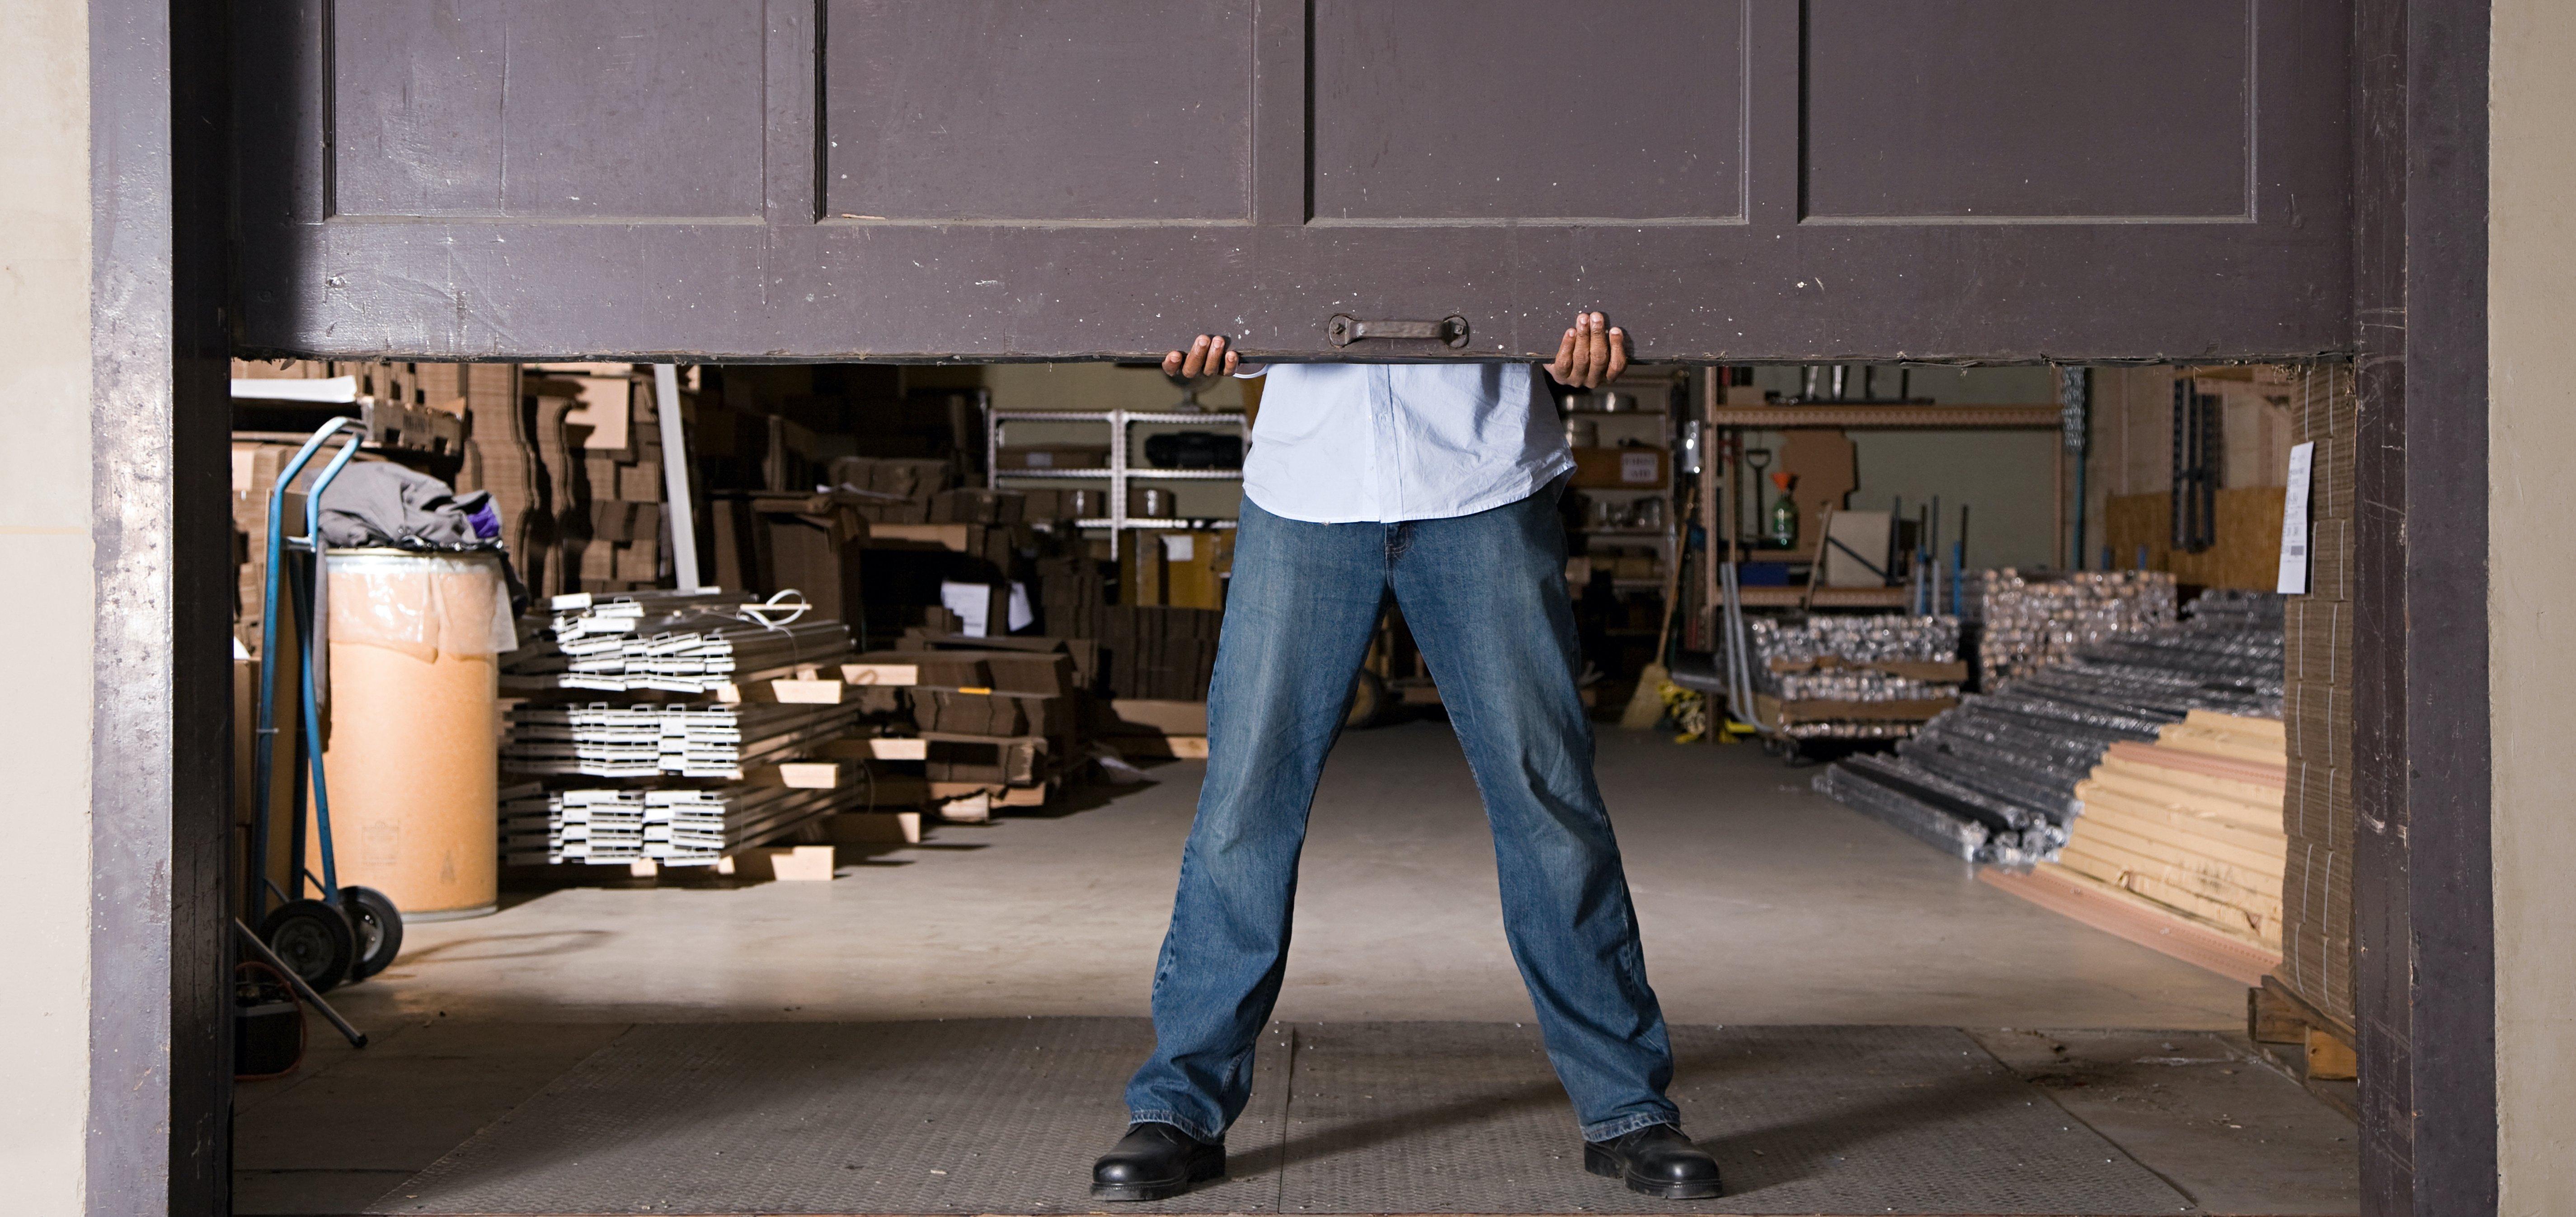 Man holding up garage door